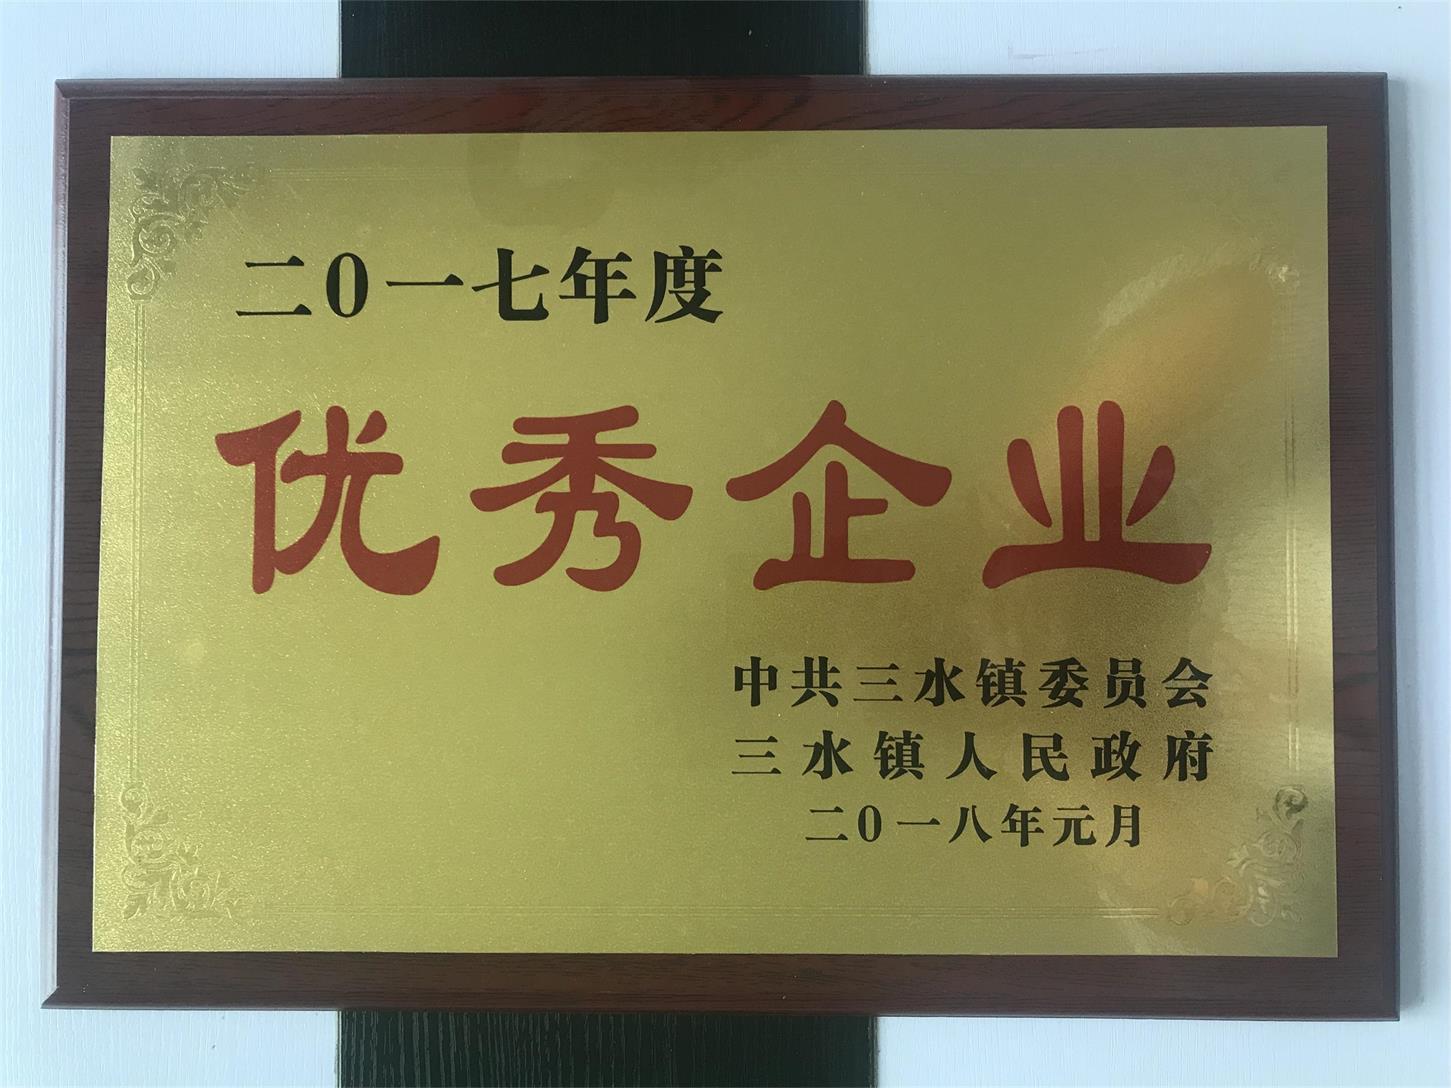 四川纸护角厂家优秀企业荣誉资质